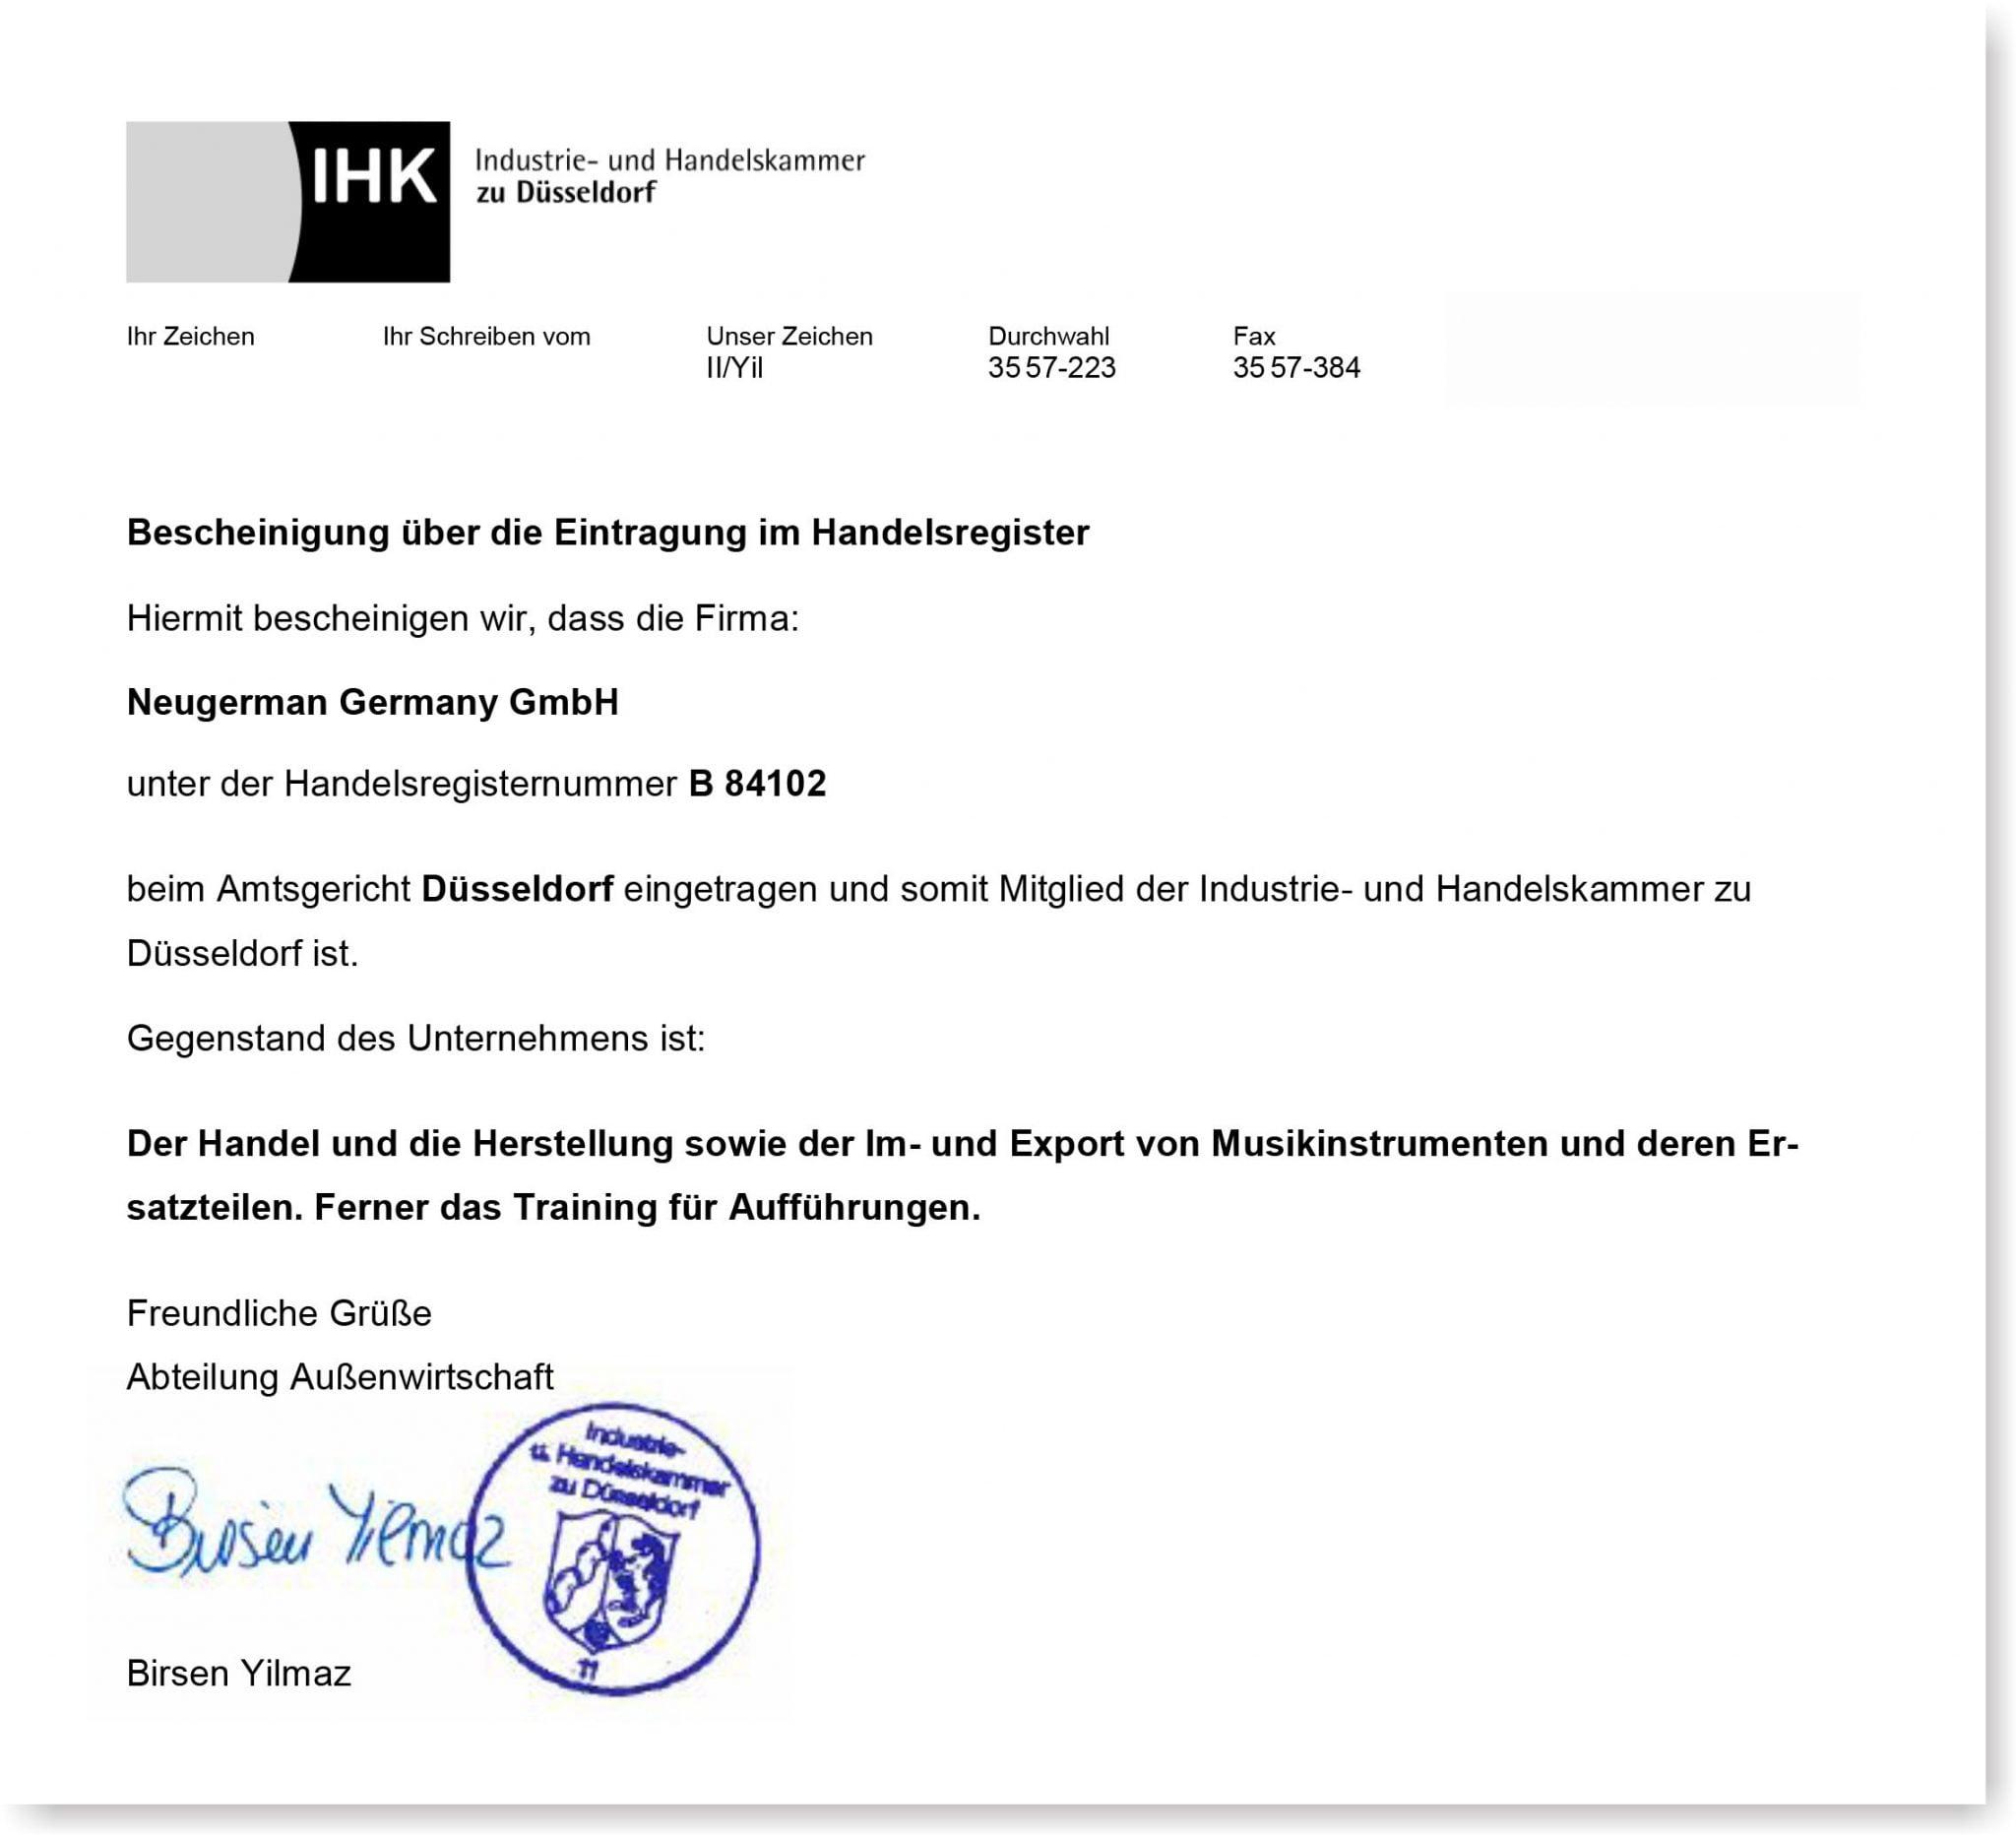 德国工商会IHK证明